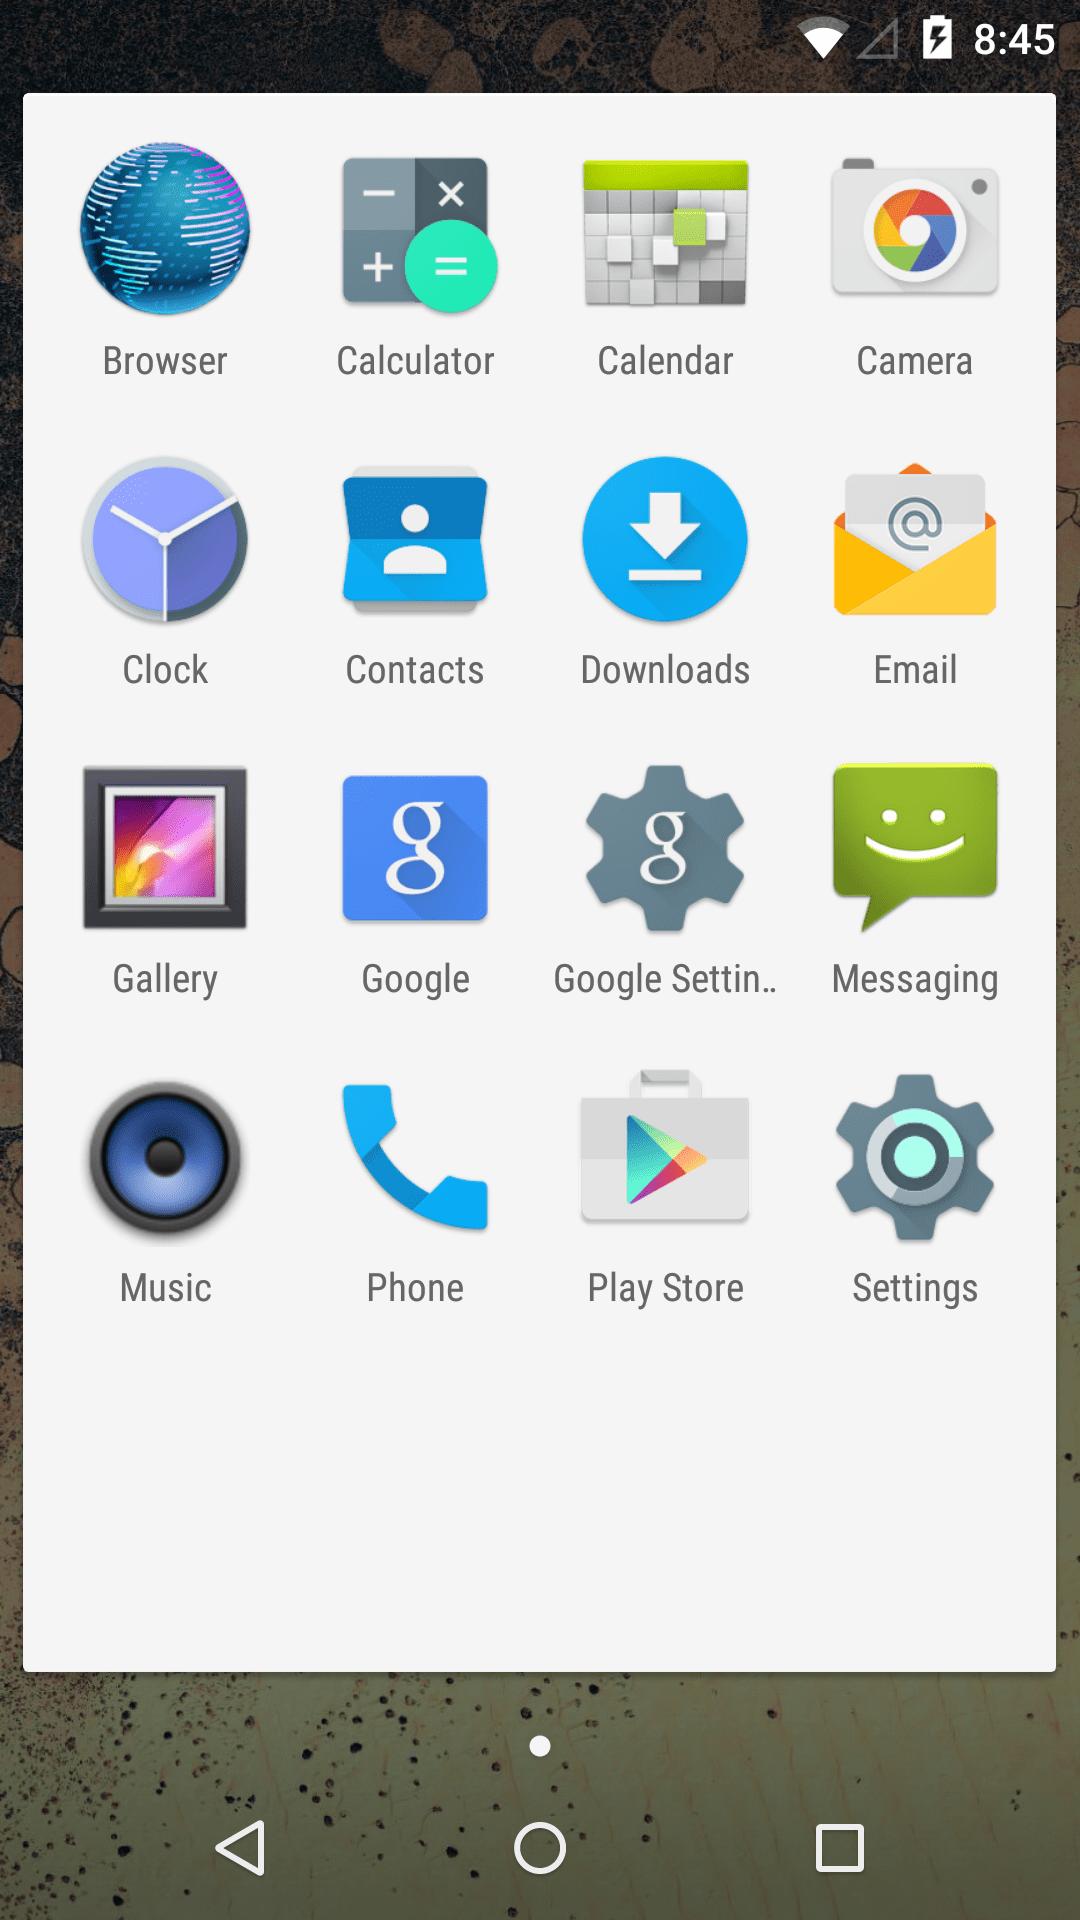 Как сделать скриншот андроид 5.1